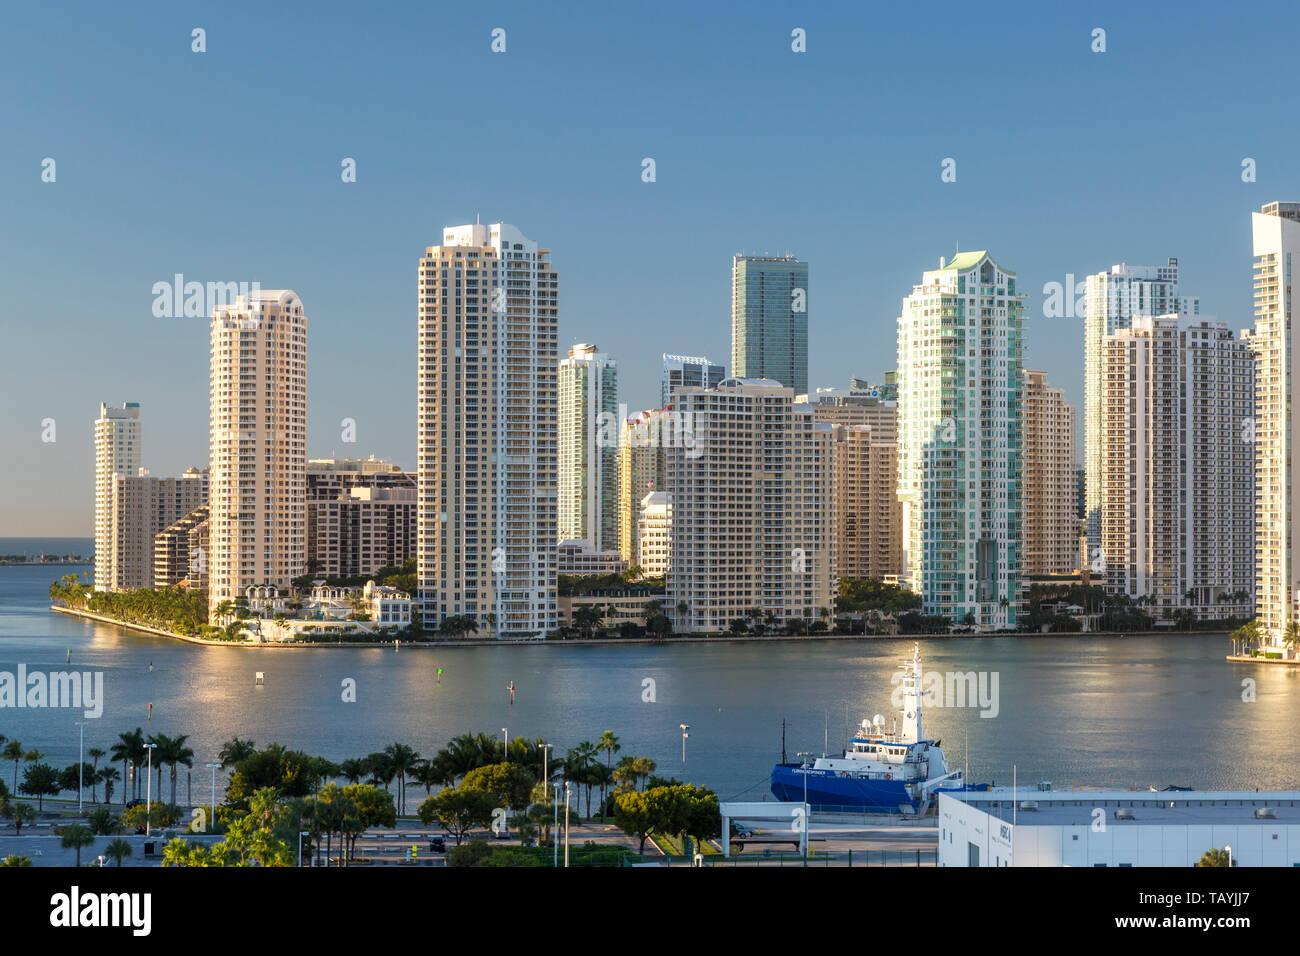 Brickell Key o Claughton Island Condominio Torres en una isla artificial fuera del continente, Miami, Florida, USA. Foto de stock